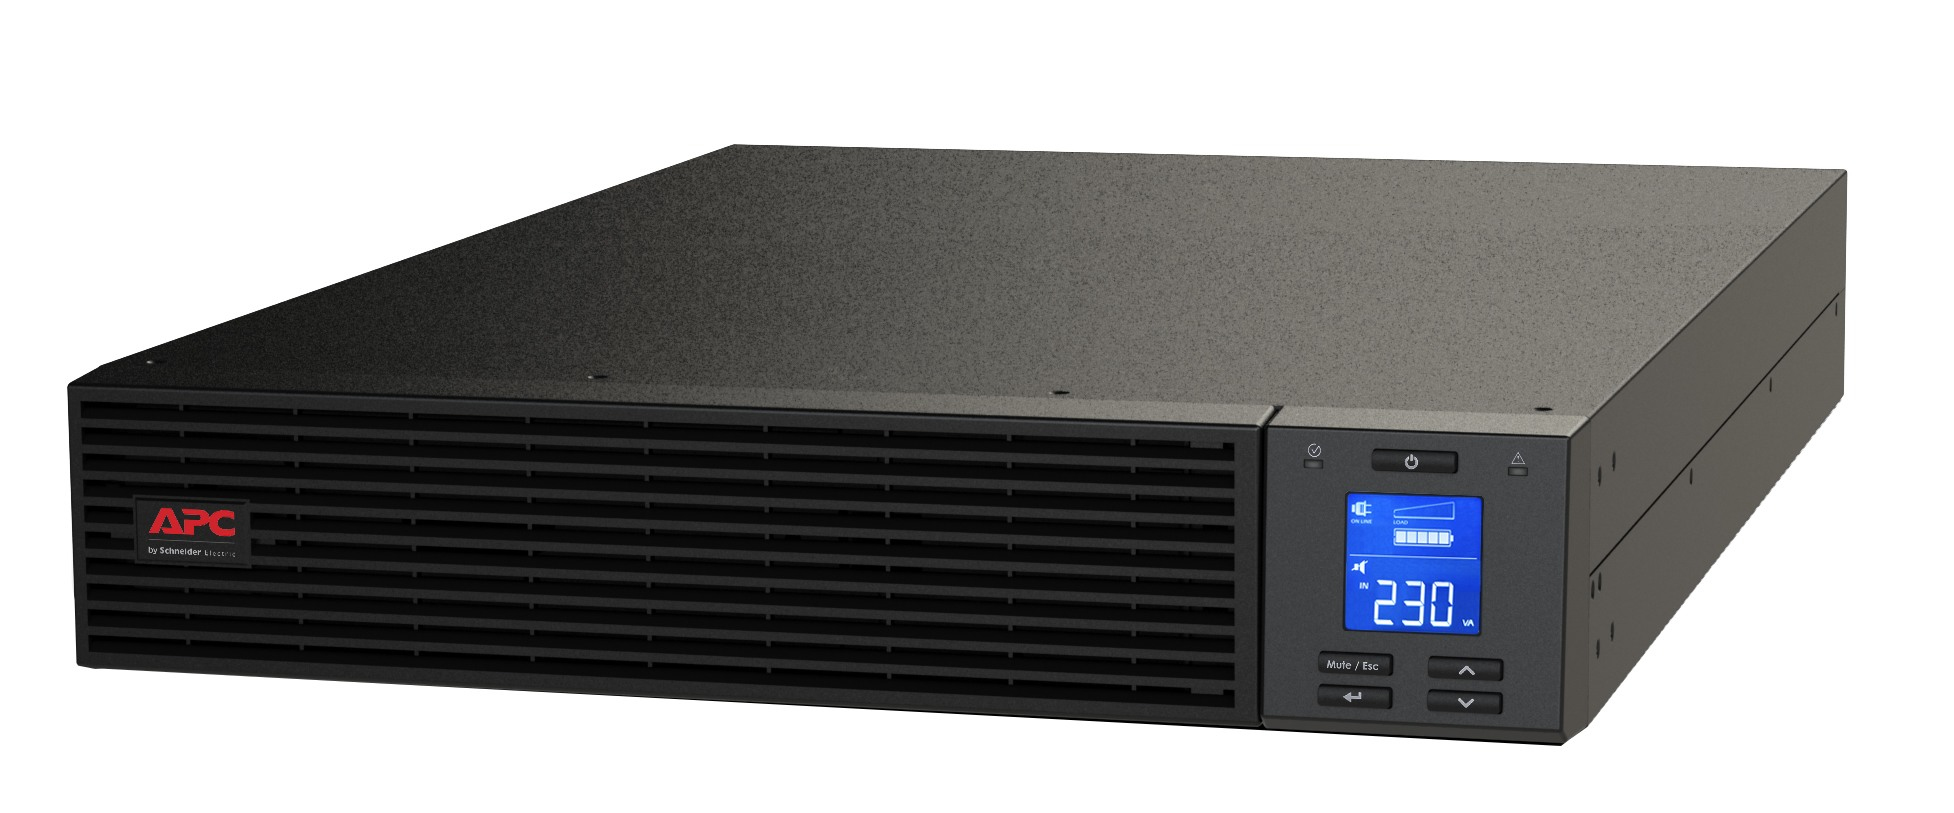 APC SRVPM6KRIL sistema de alimentación ininterrumpida (UPS) Doble conversión (en línea) 6000 VA 6000 W